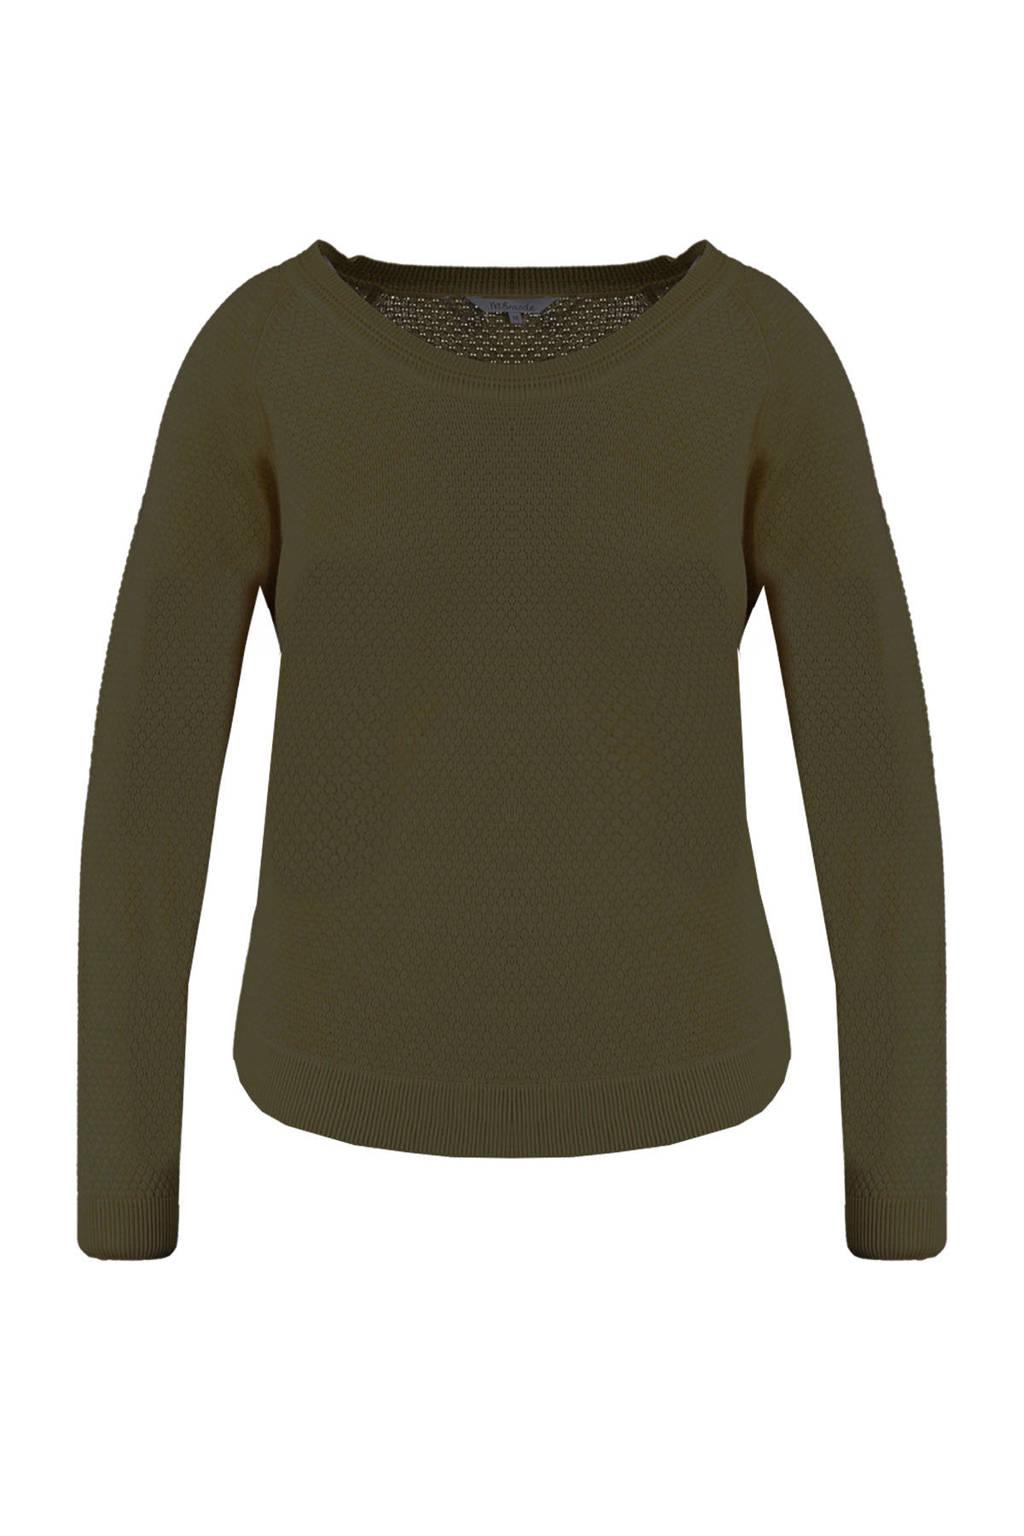 MS Mode trui met textuur olijf groen, Olijf groen